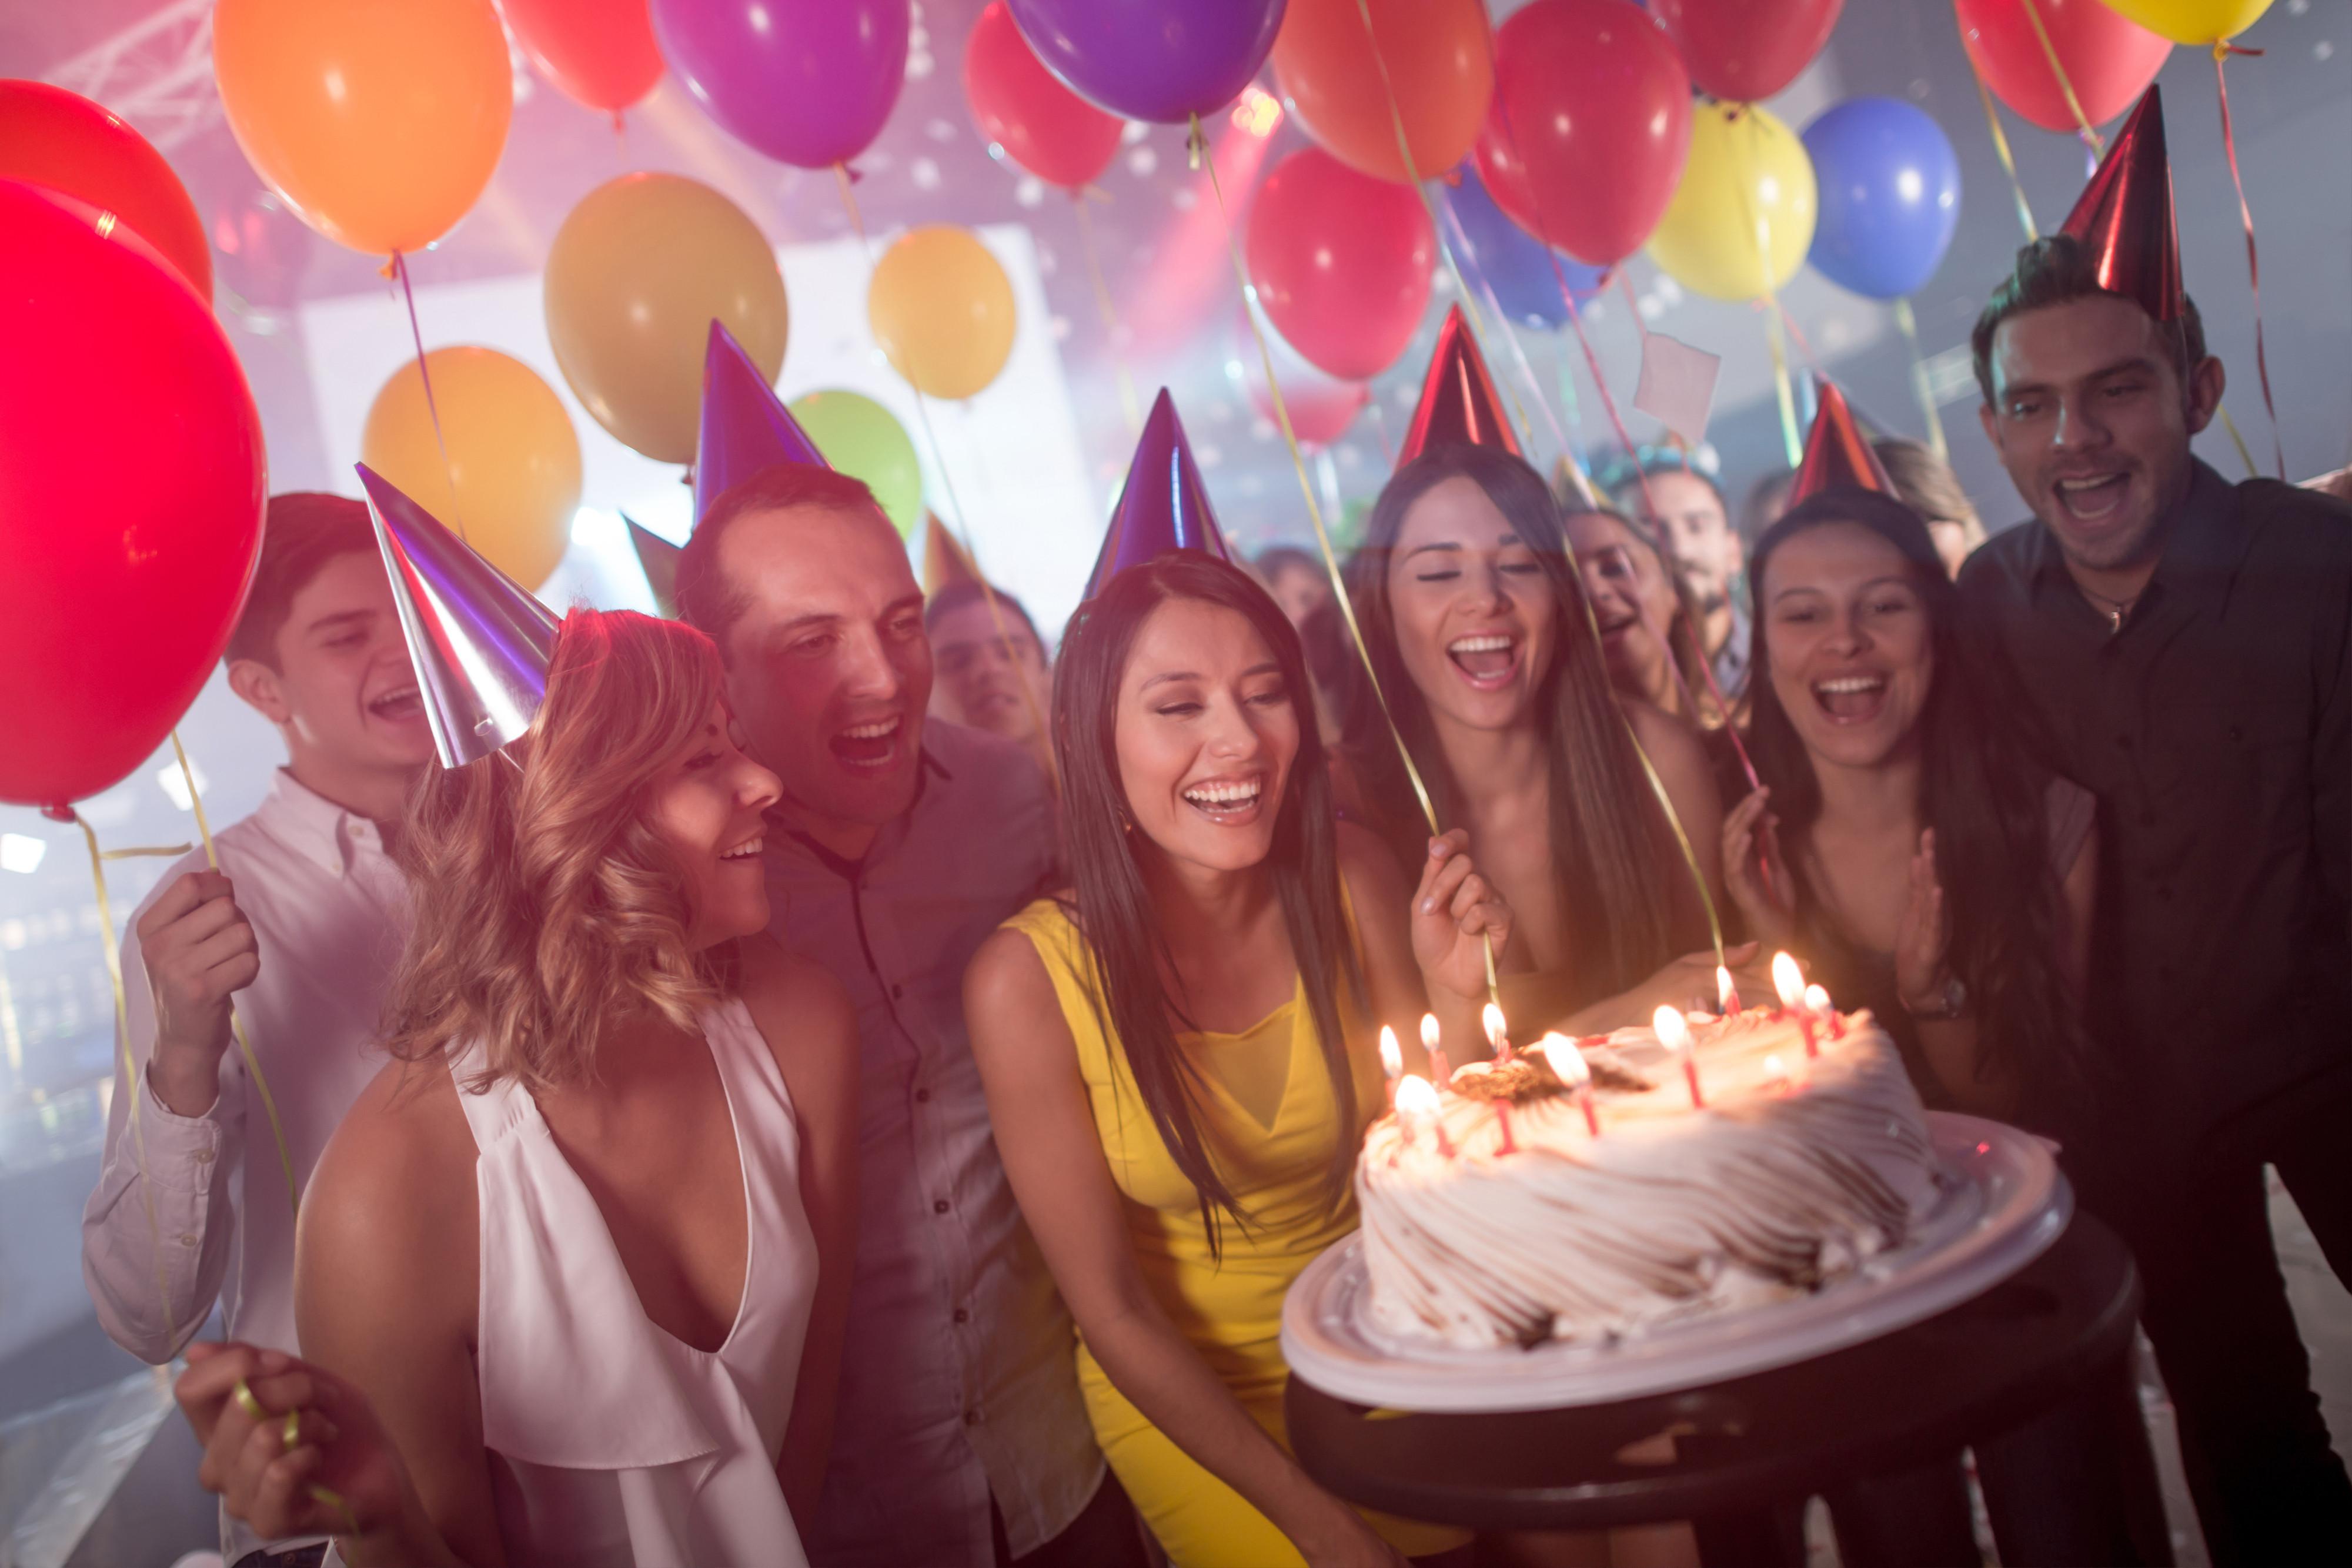 Birthday Party Venues In Las Vegas | Westgate Las Vegas Groups And Meetings